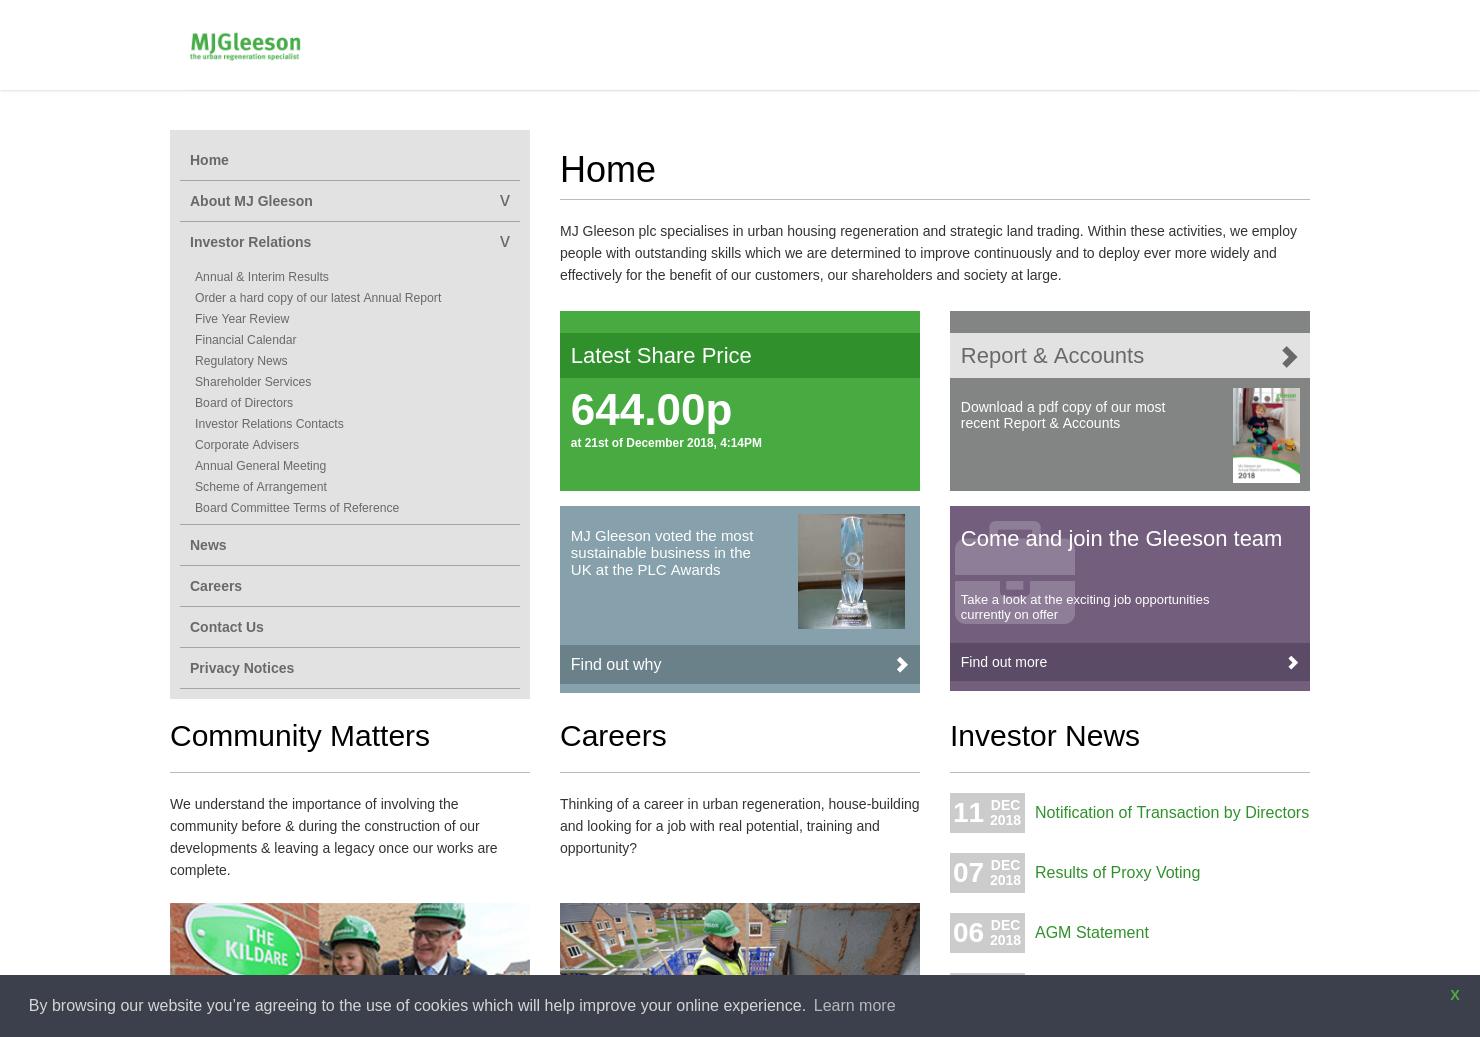 MJGleeson Home Page